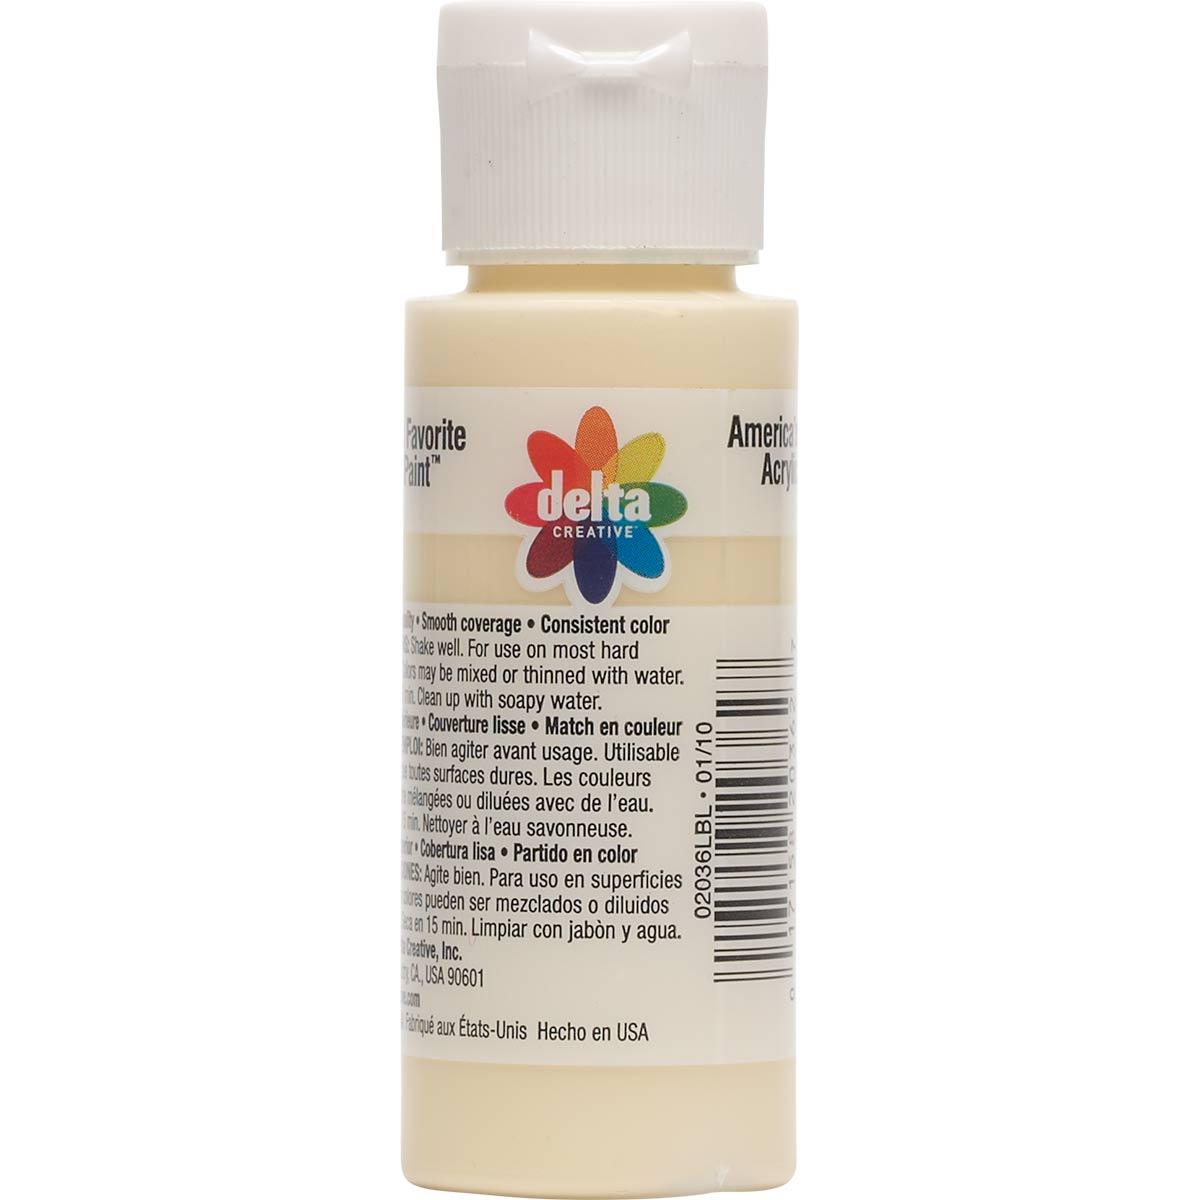 Delta Ceramcoat ® Acrylic Paint - Ivory, 2 oz. - 020360202W